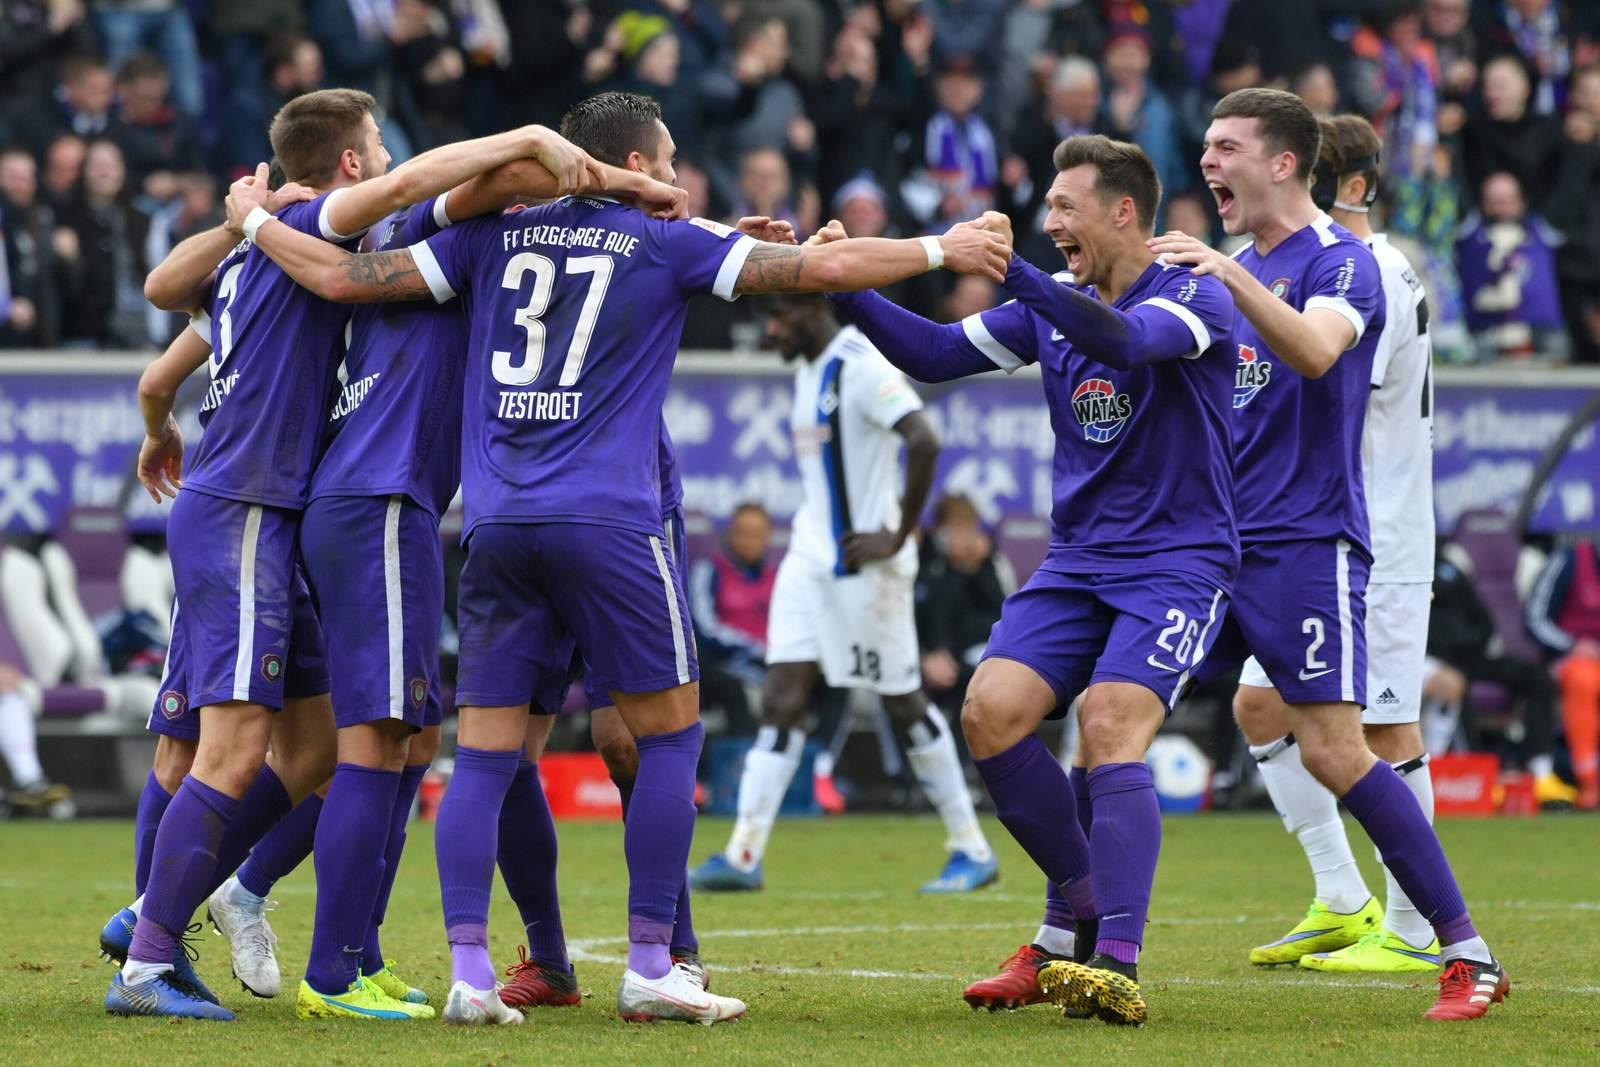 Spieler von Erzgebirge Aue feiern Sieg gegen HSV